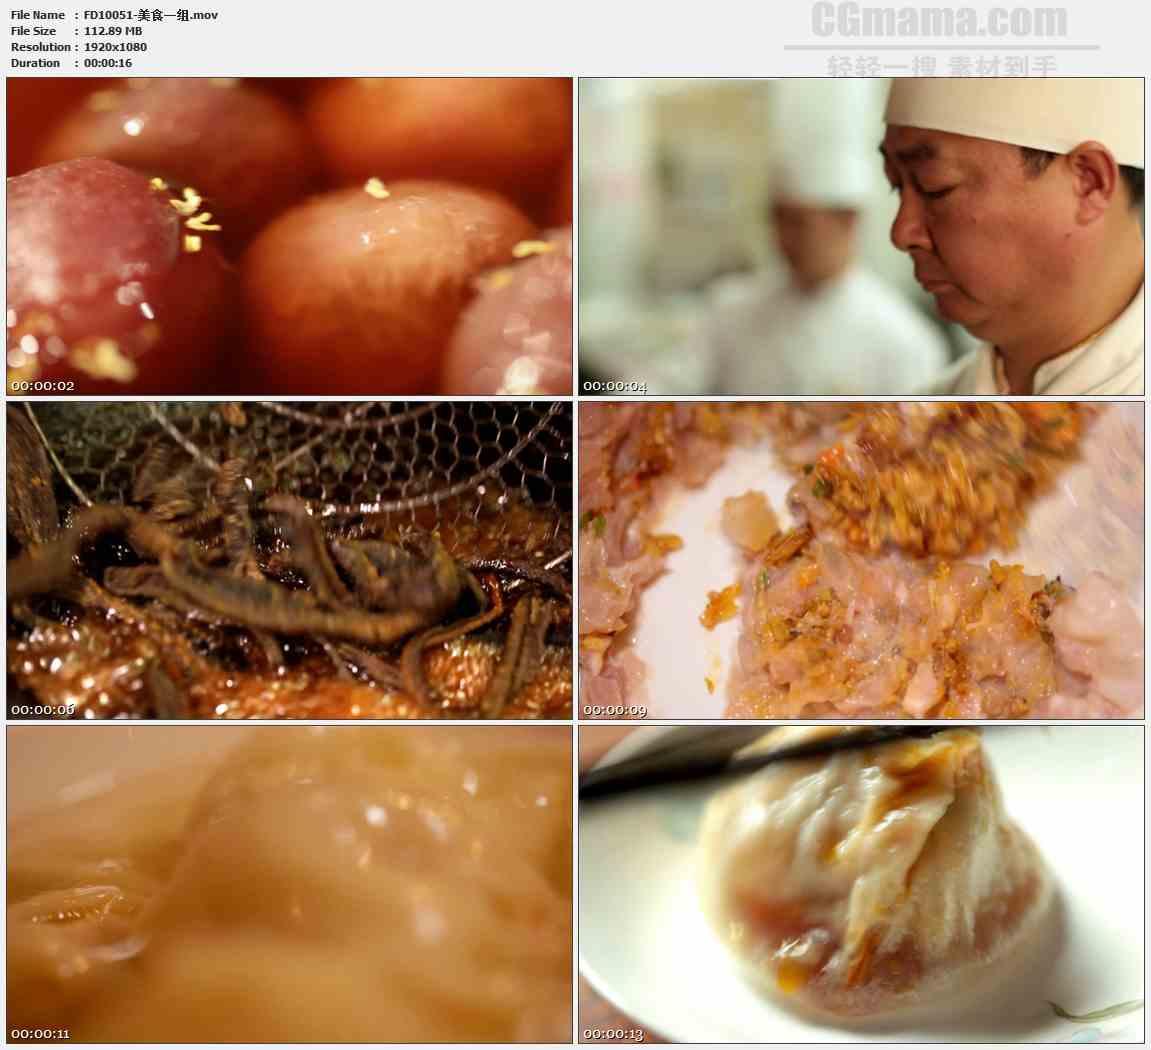 FD10051-煎丸子桂花汤圆红烧鳗鱼干小笼汤包美食美味高清实拍视频素材